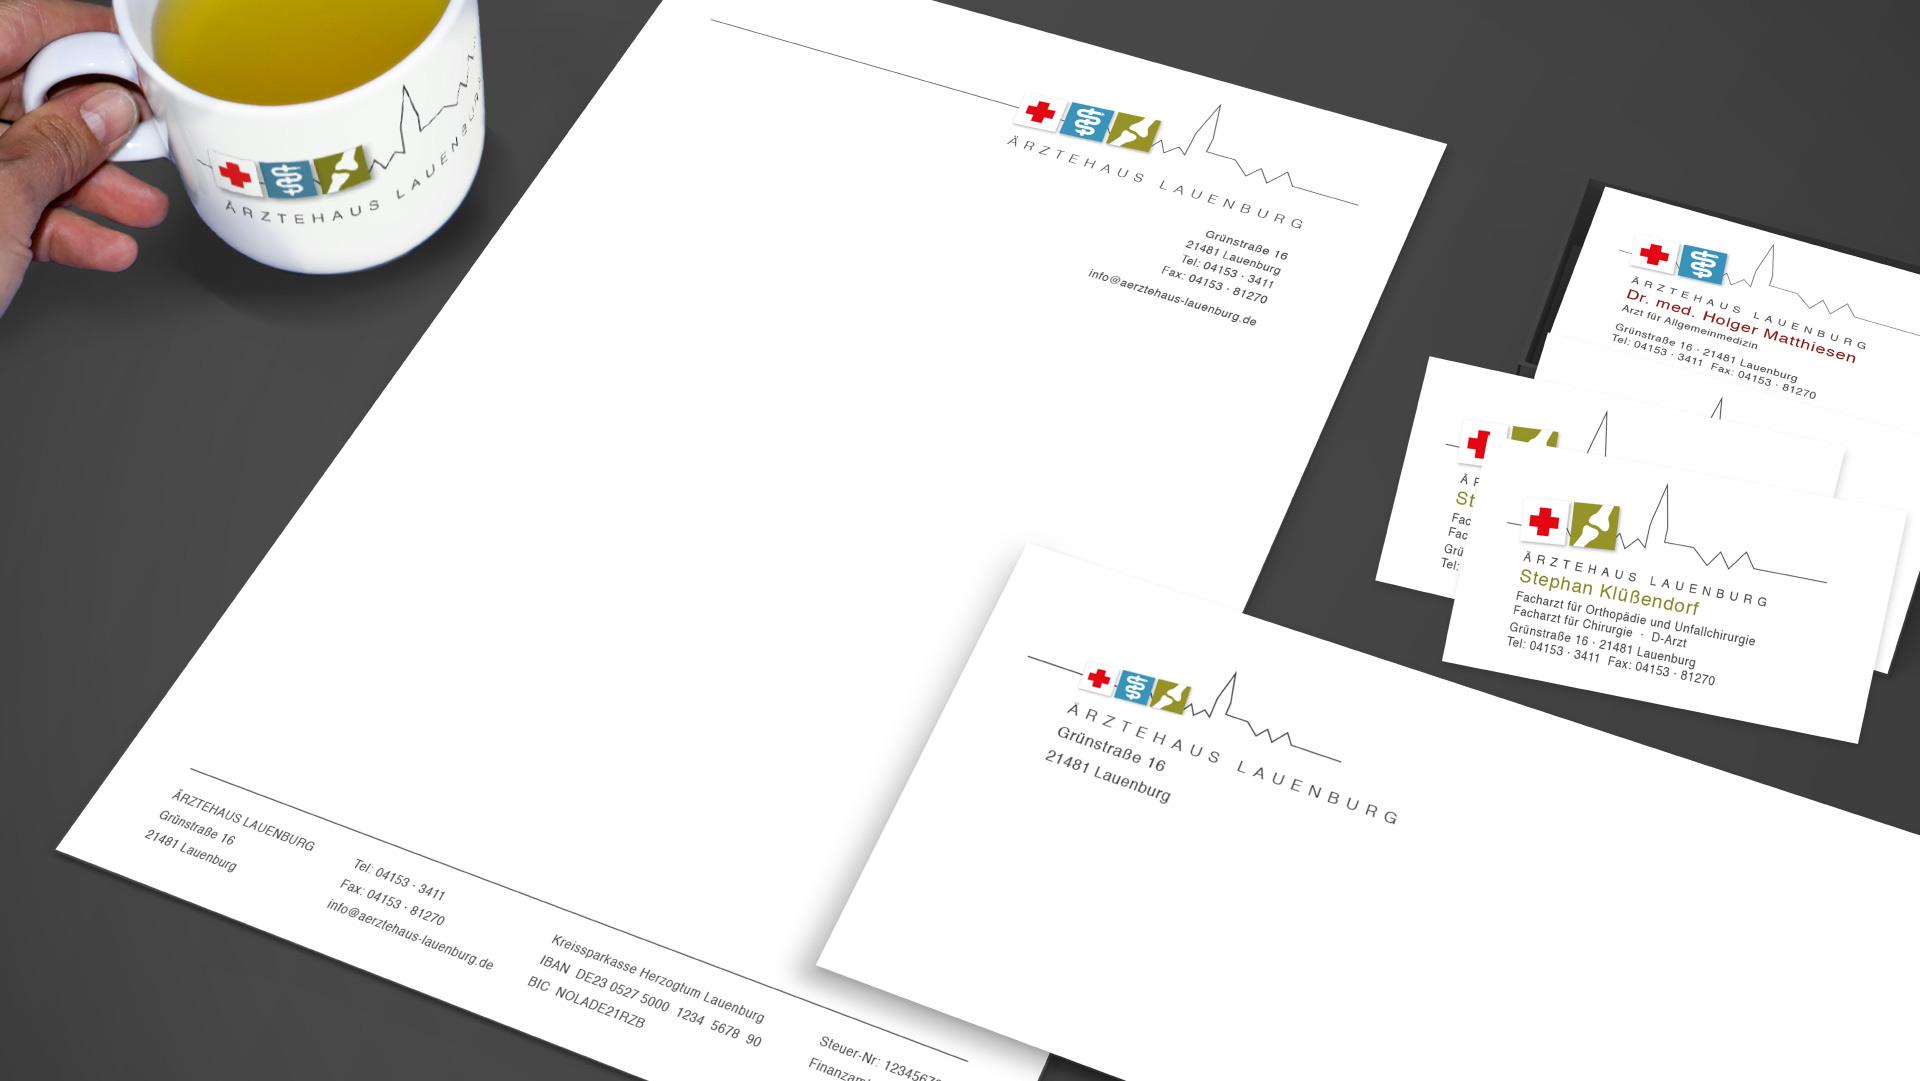 Briefpapier, Visitenkarten und bedruckter Becher des Ärztehaus Lauenburg